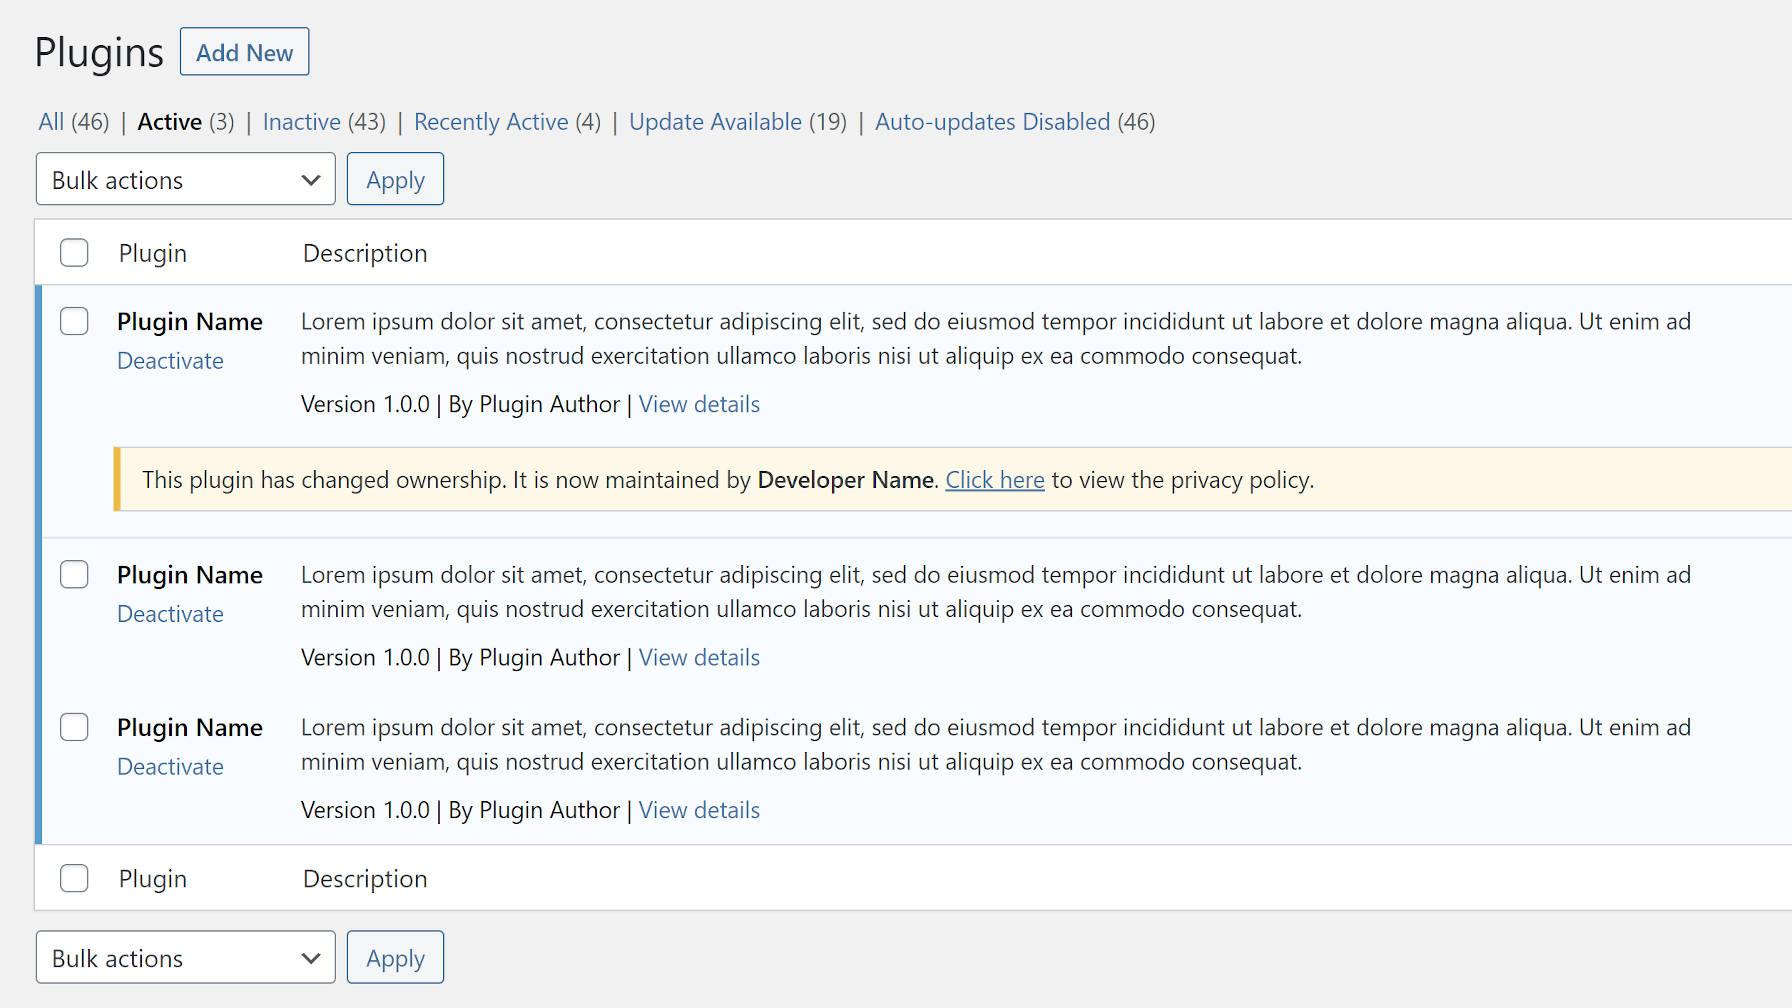 应该WordPress通知用户插件所有权更改吗WordPress应该通知用户插件所有权更改吗?